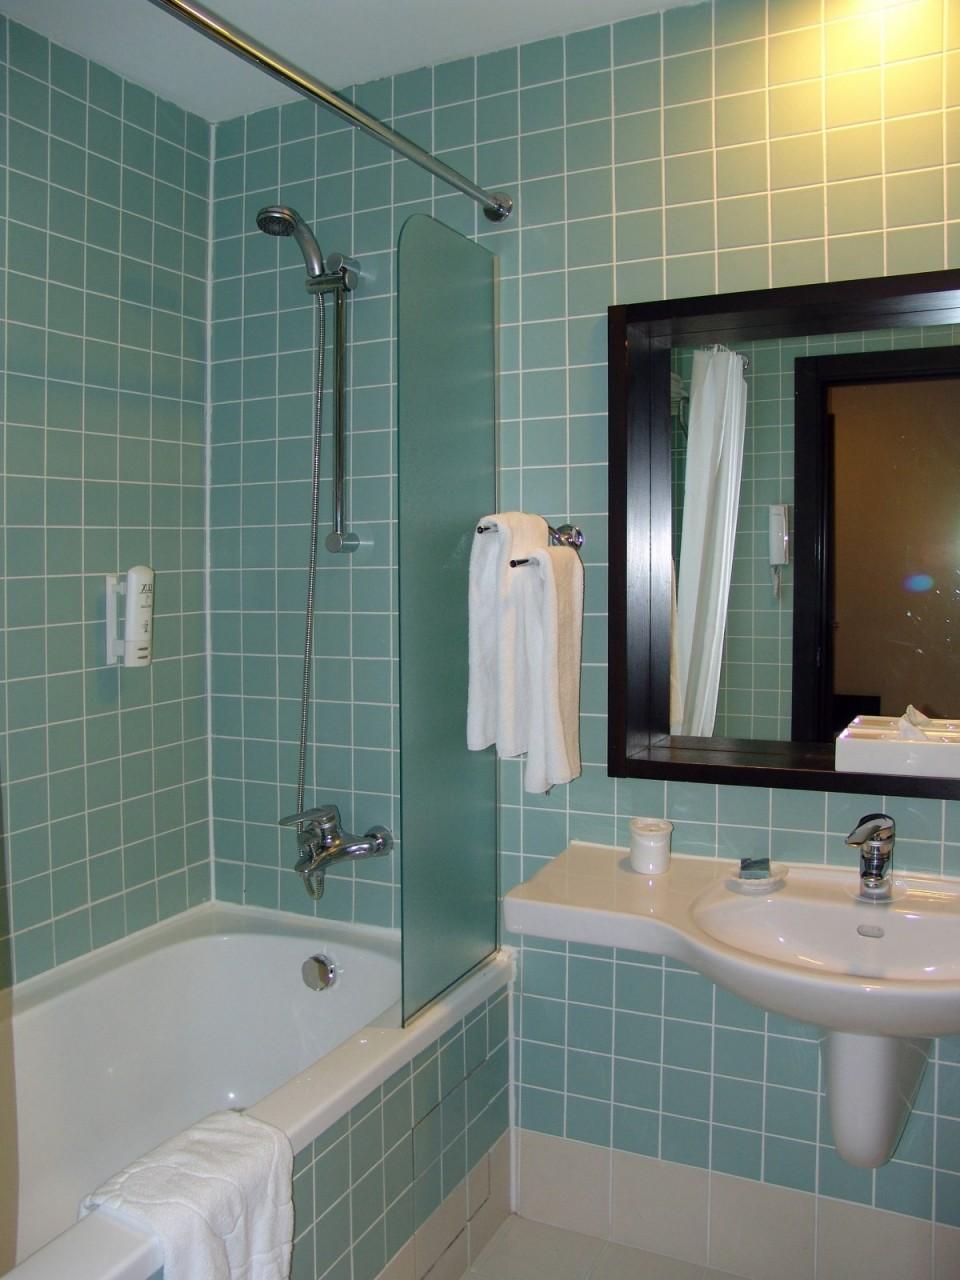 Тёща в ванной фото 13 фотография